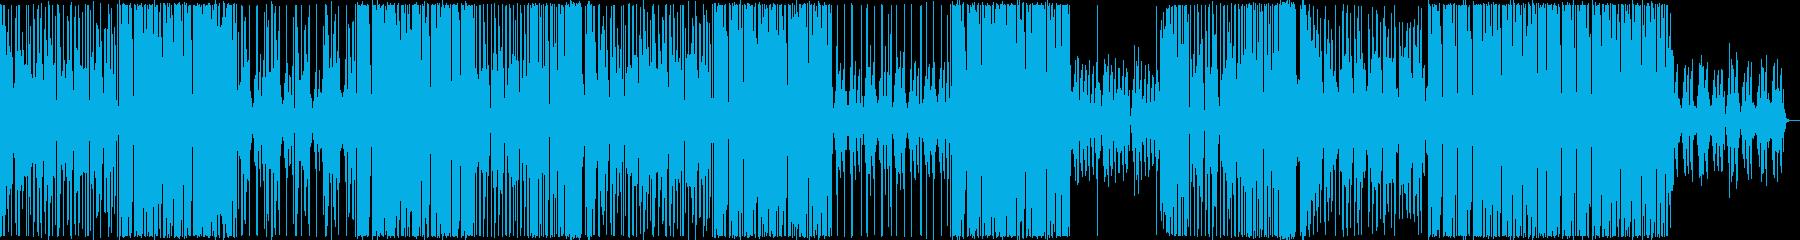 ヴェイパーに穿つビートの和風ファンクネスの再生済みの波形